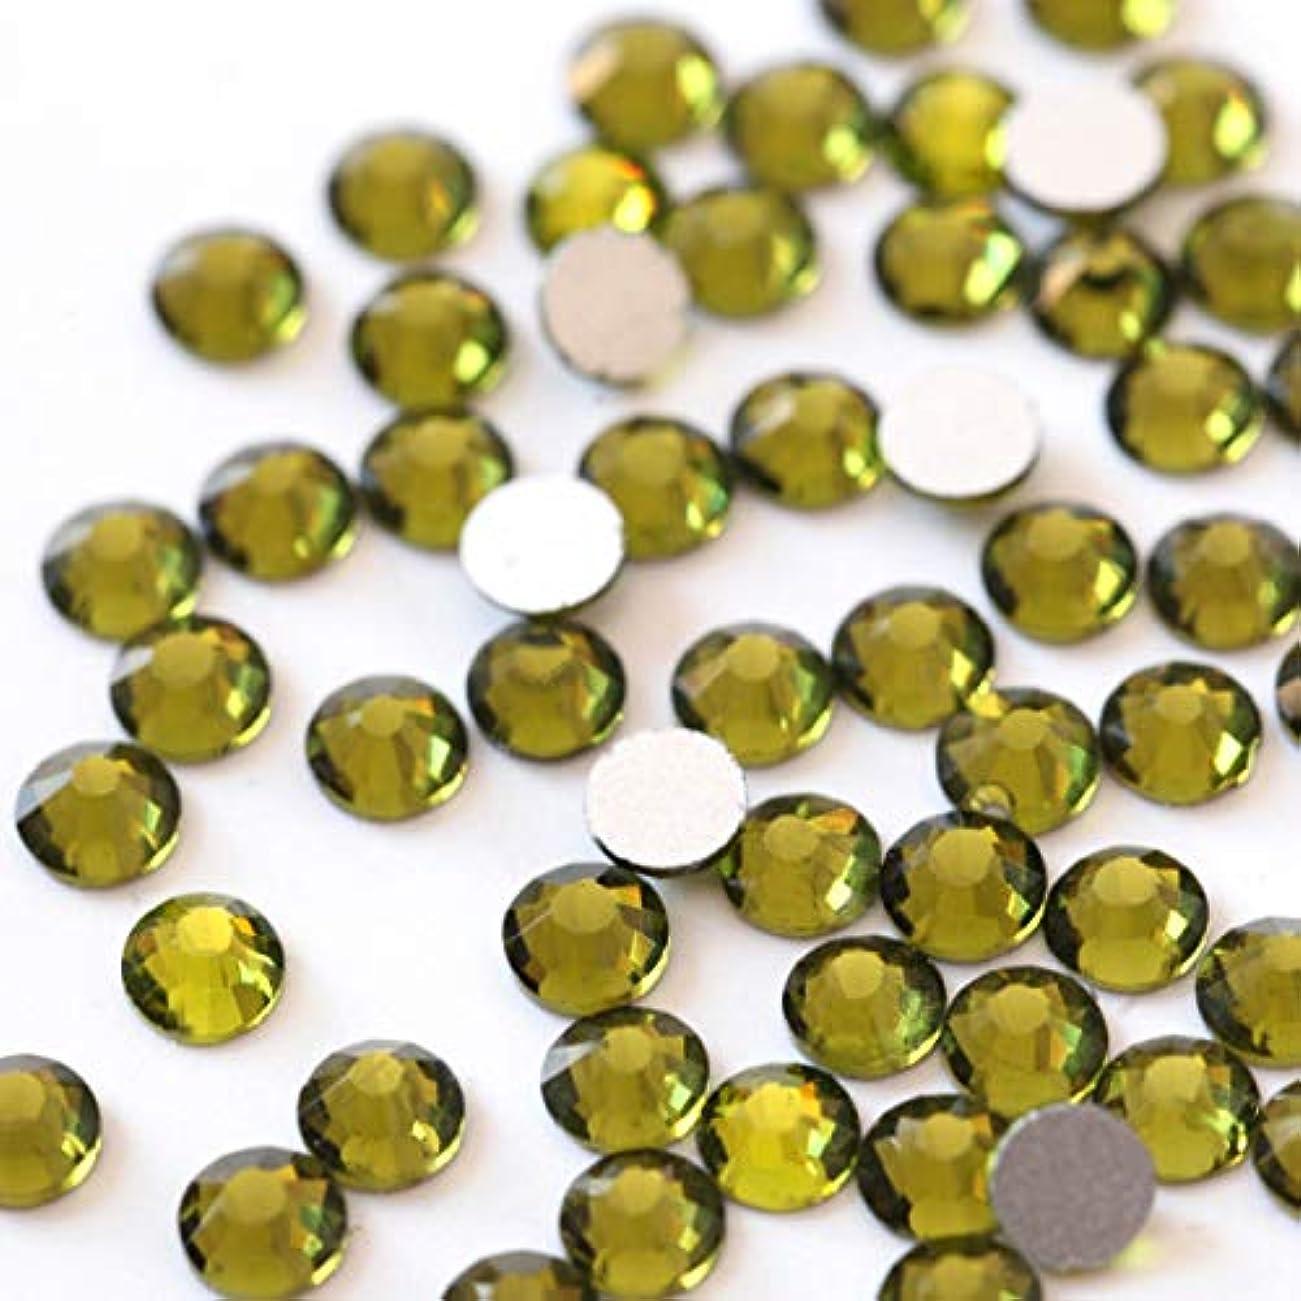 噛む快適原告【ラインストーン77】高品質ガラス製ラインストーン オリーブ(1.5mm (SS4) 約200粒)